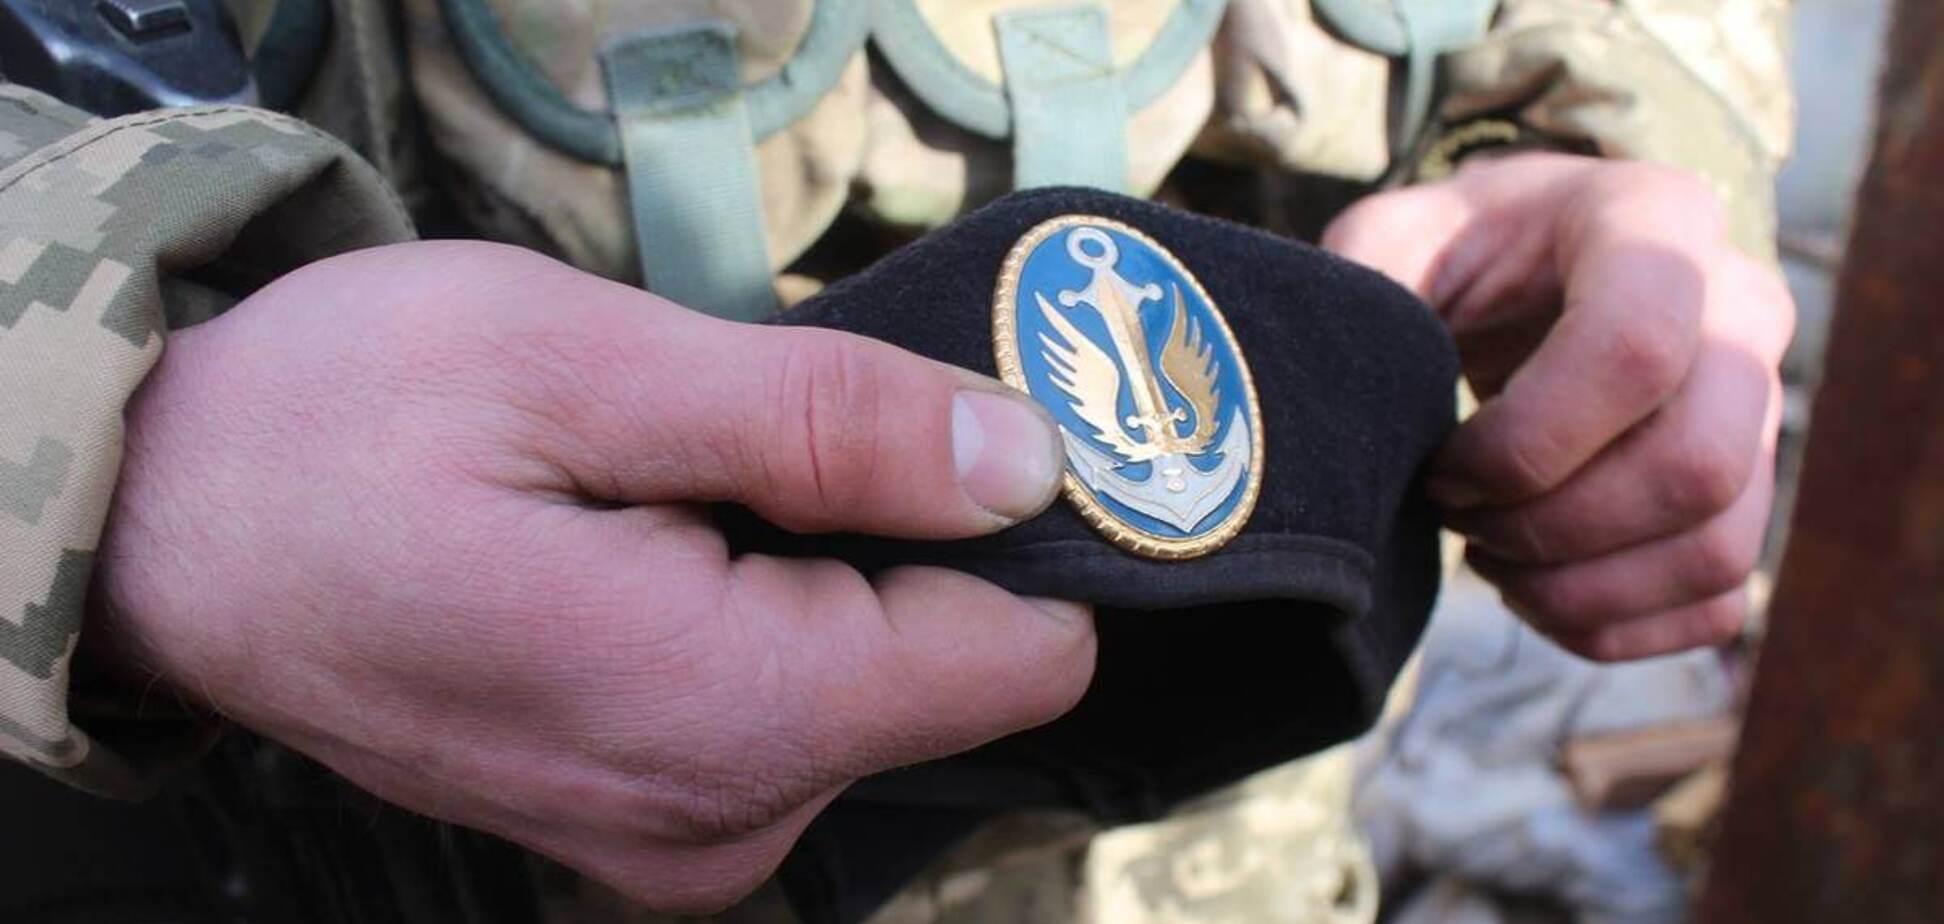 Стріляли 'віялом': стали відомі подробиці вбивства морпіхів на Донбасі